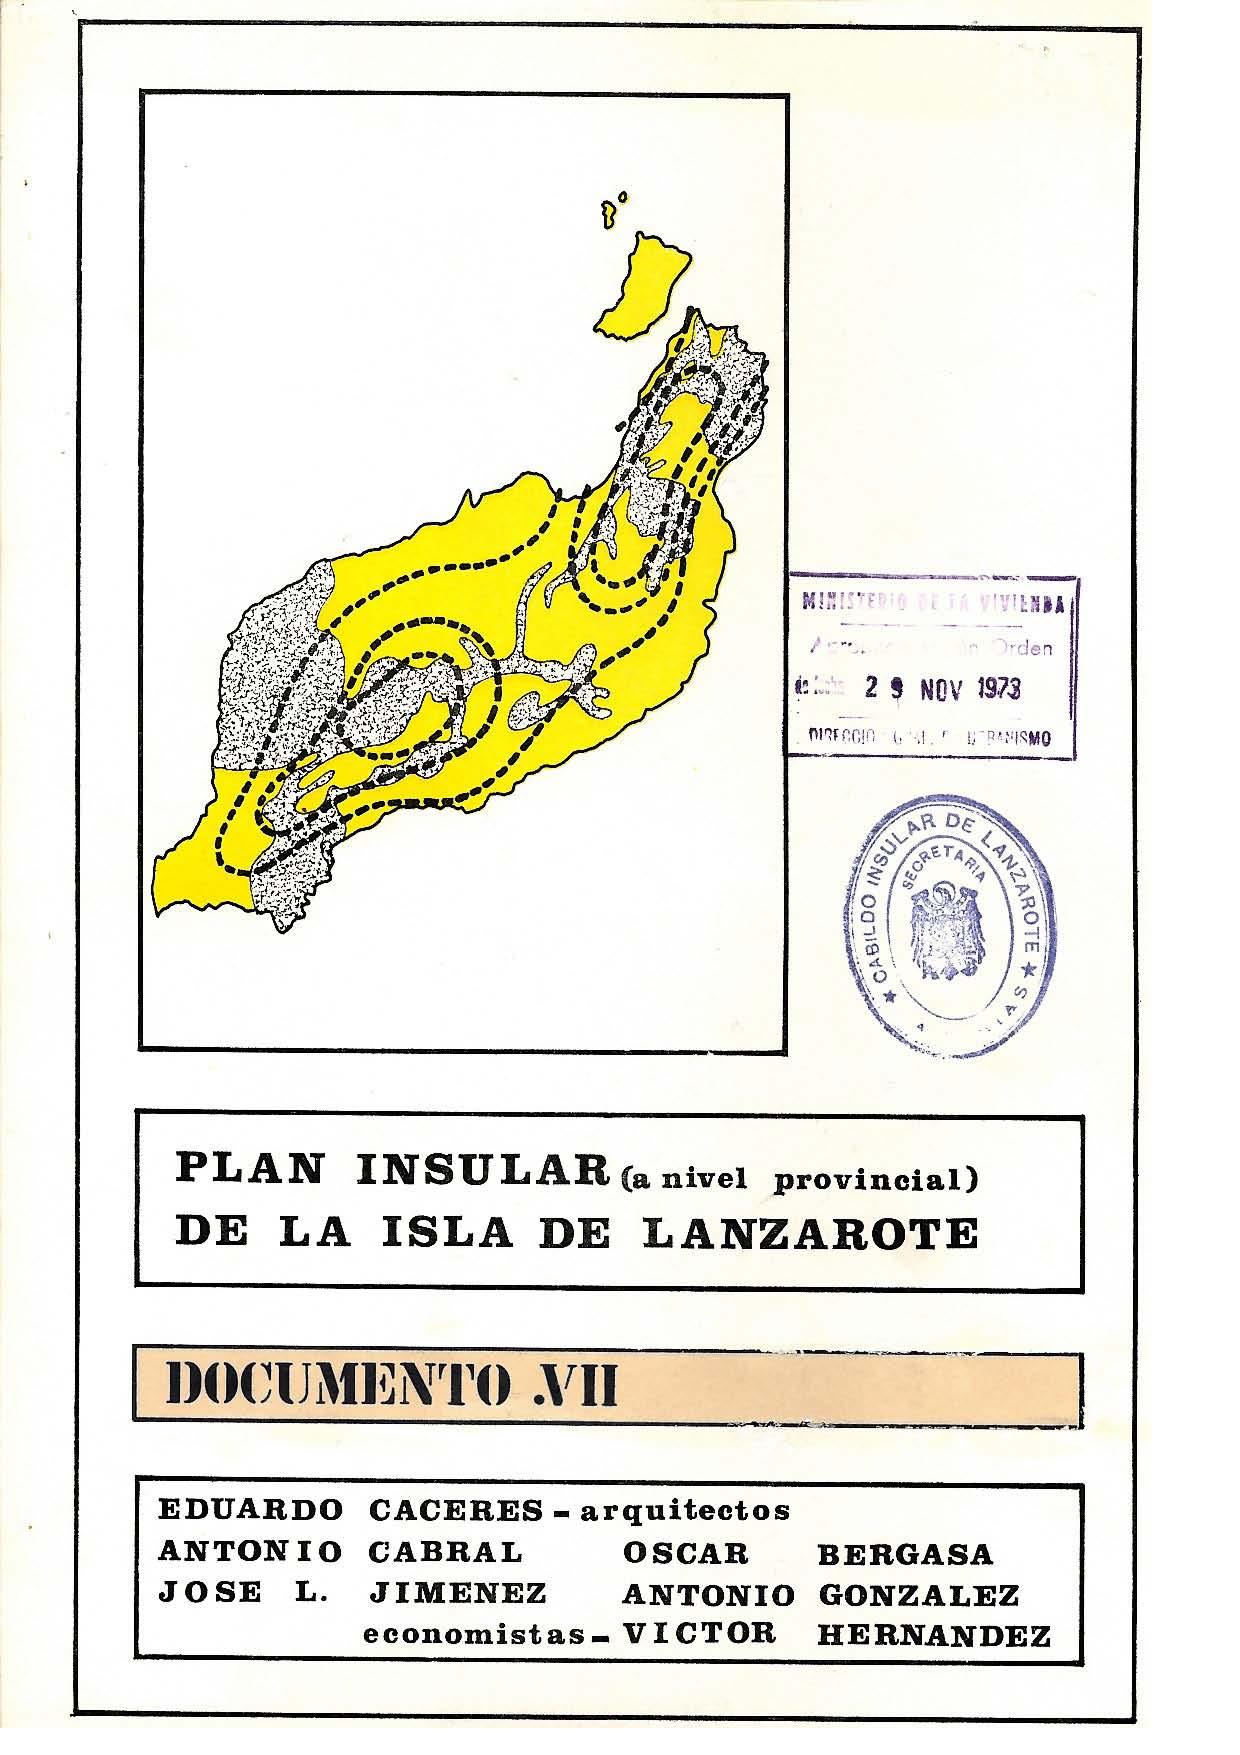 Documento VII (Plan de 1973): Programa de actuación